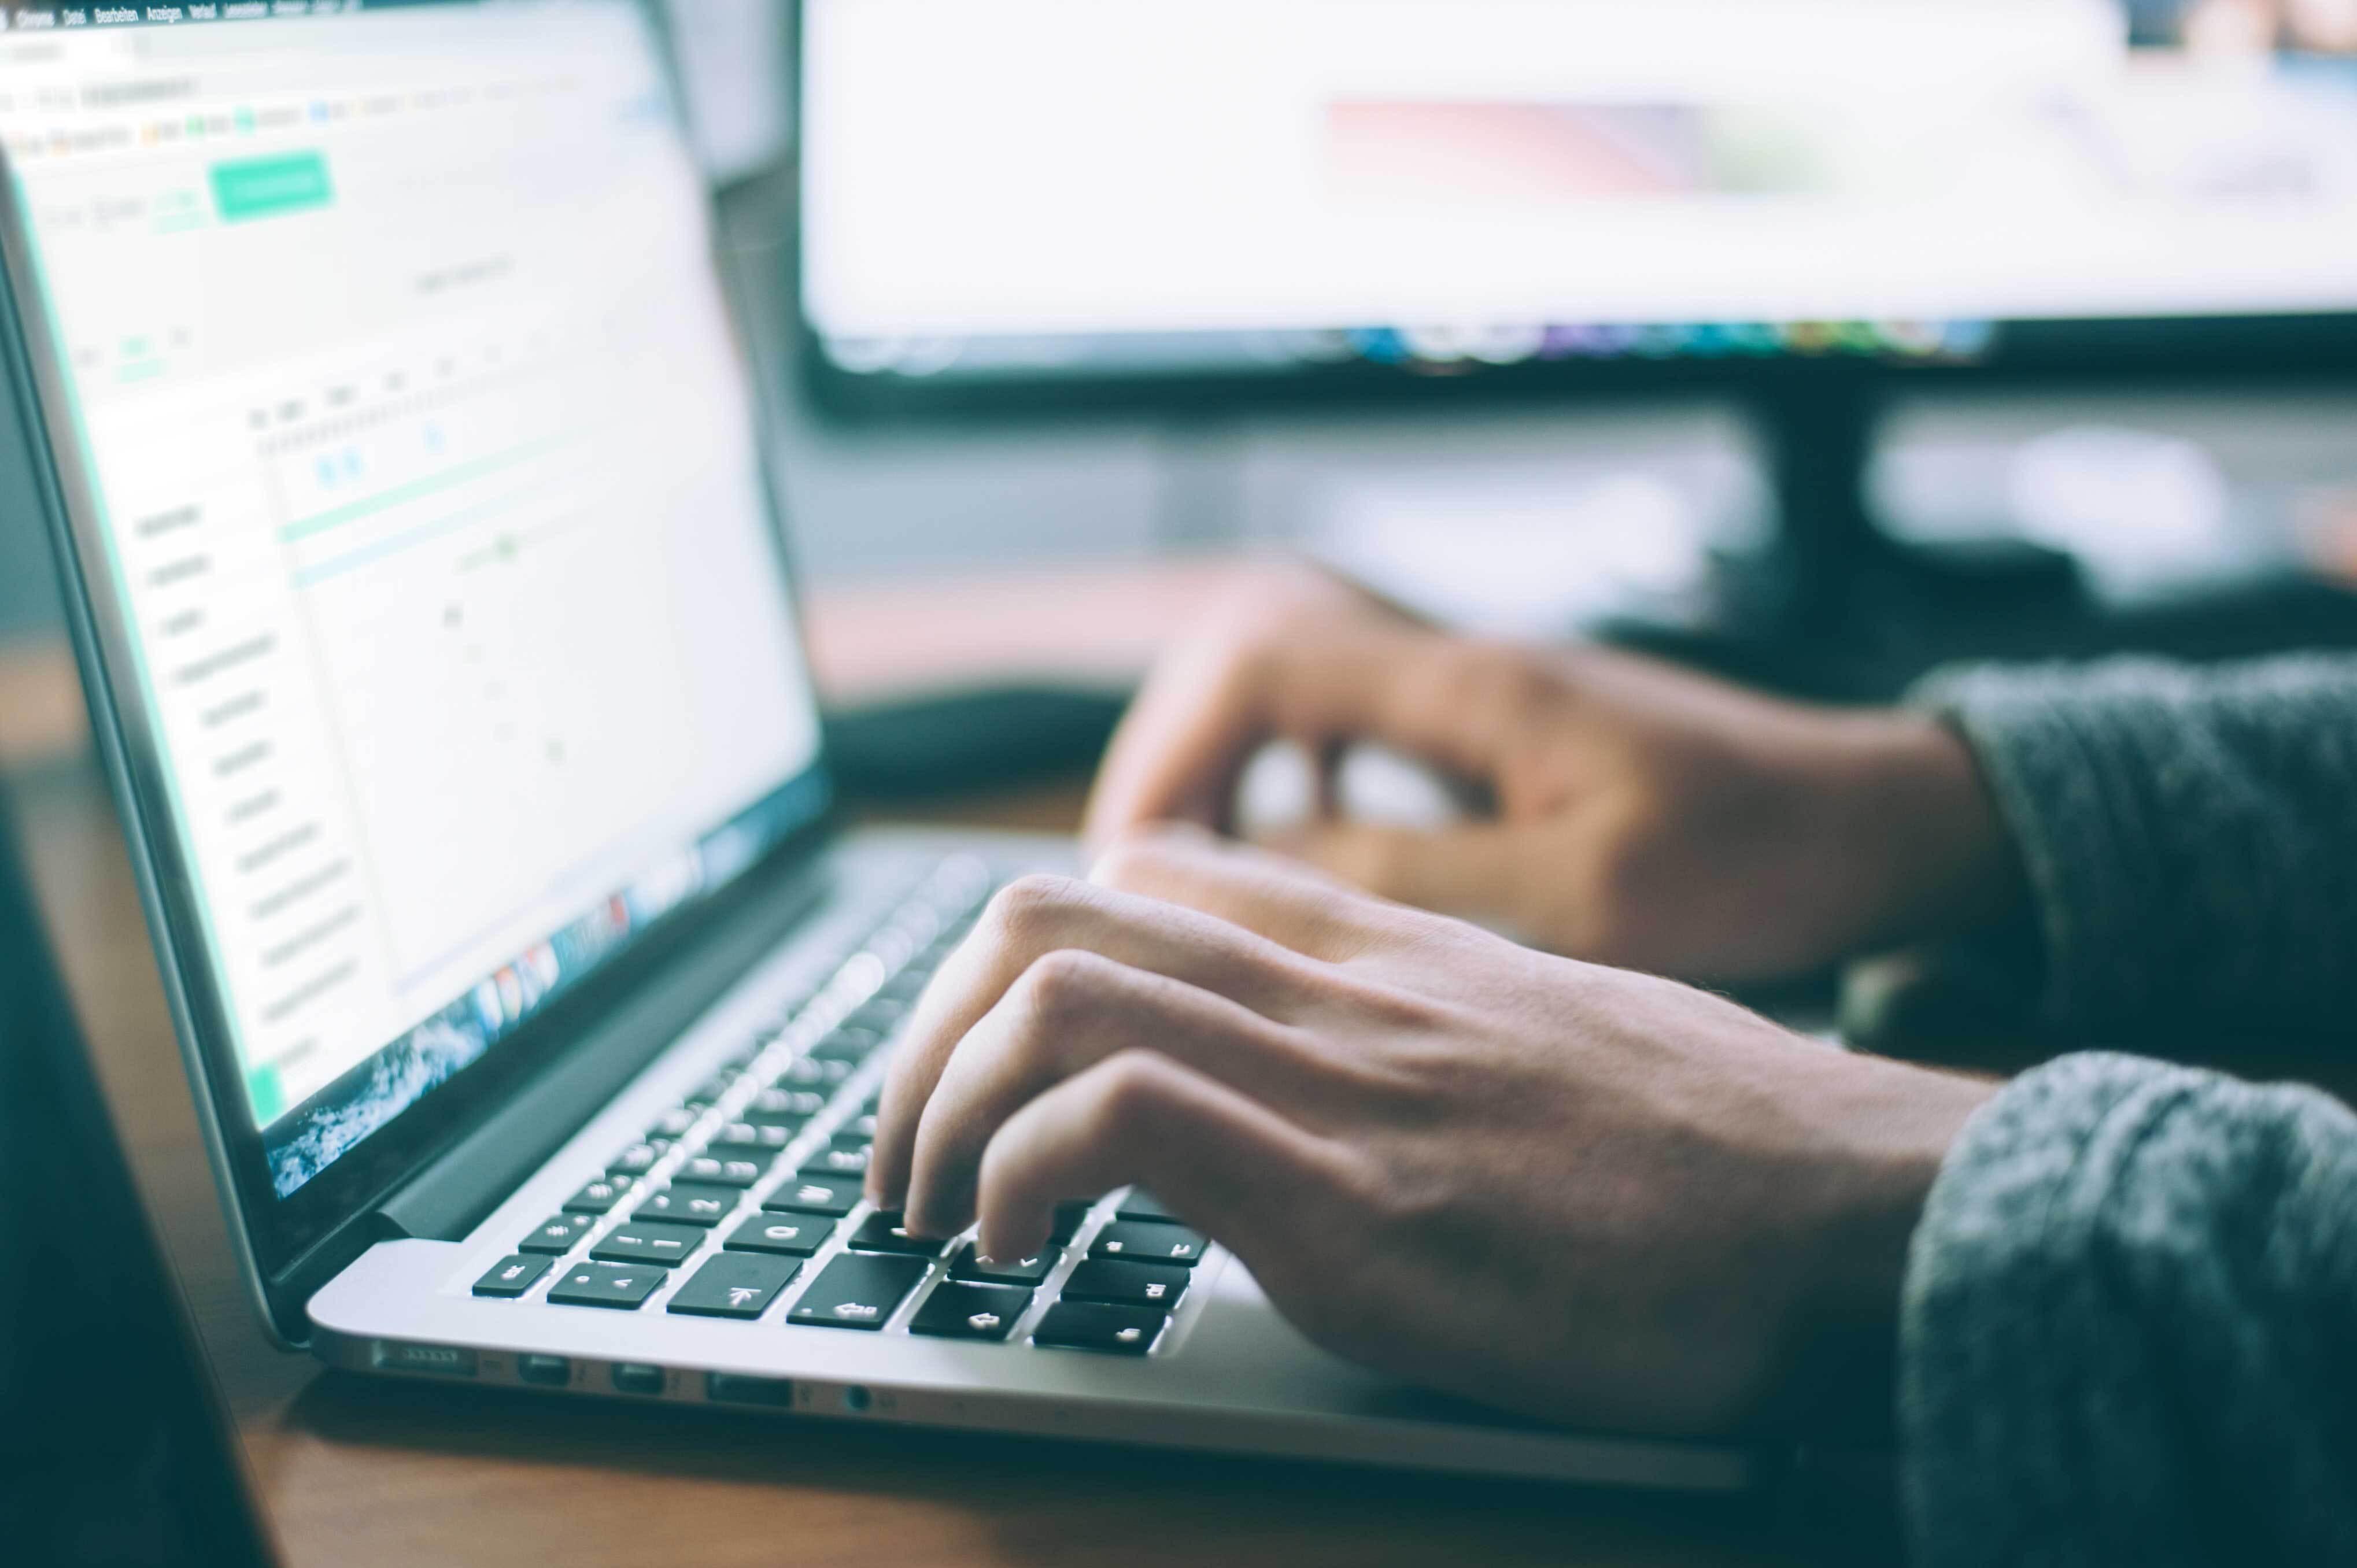 Twee handen gebruiken het toetsenbord van een laptop. Op de achtergrond staat er een tweede beeldscherm.